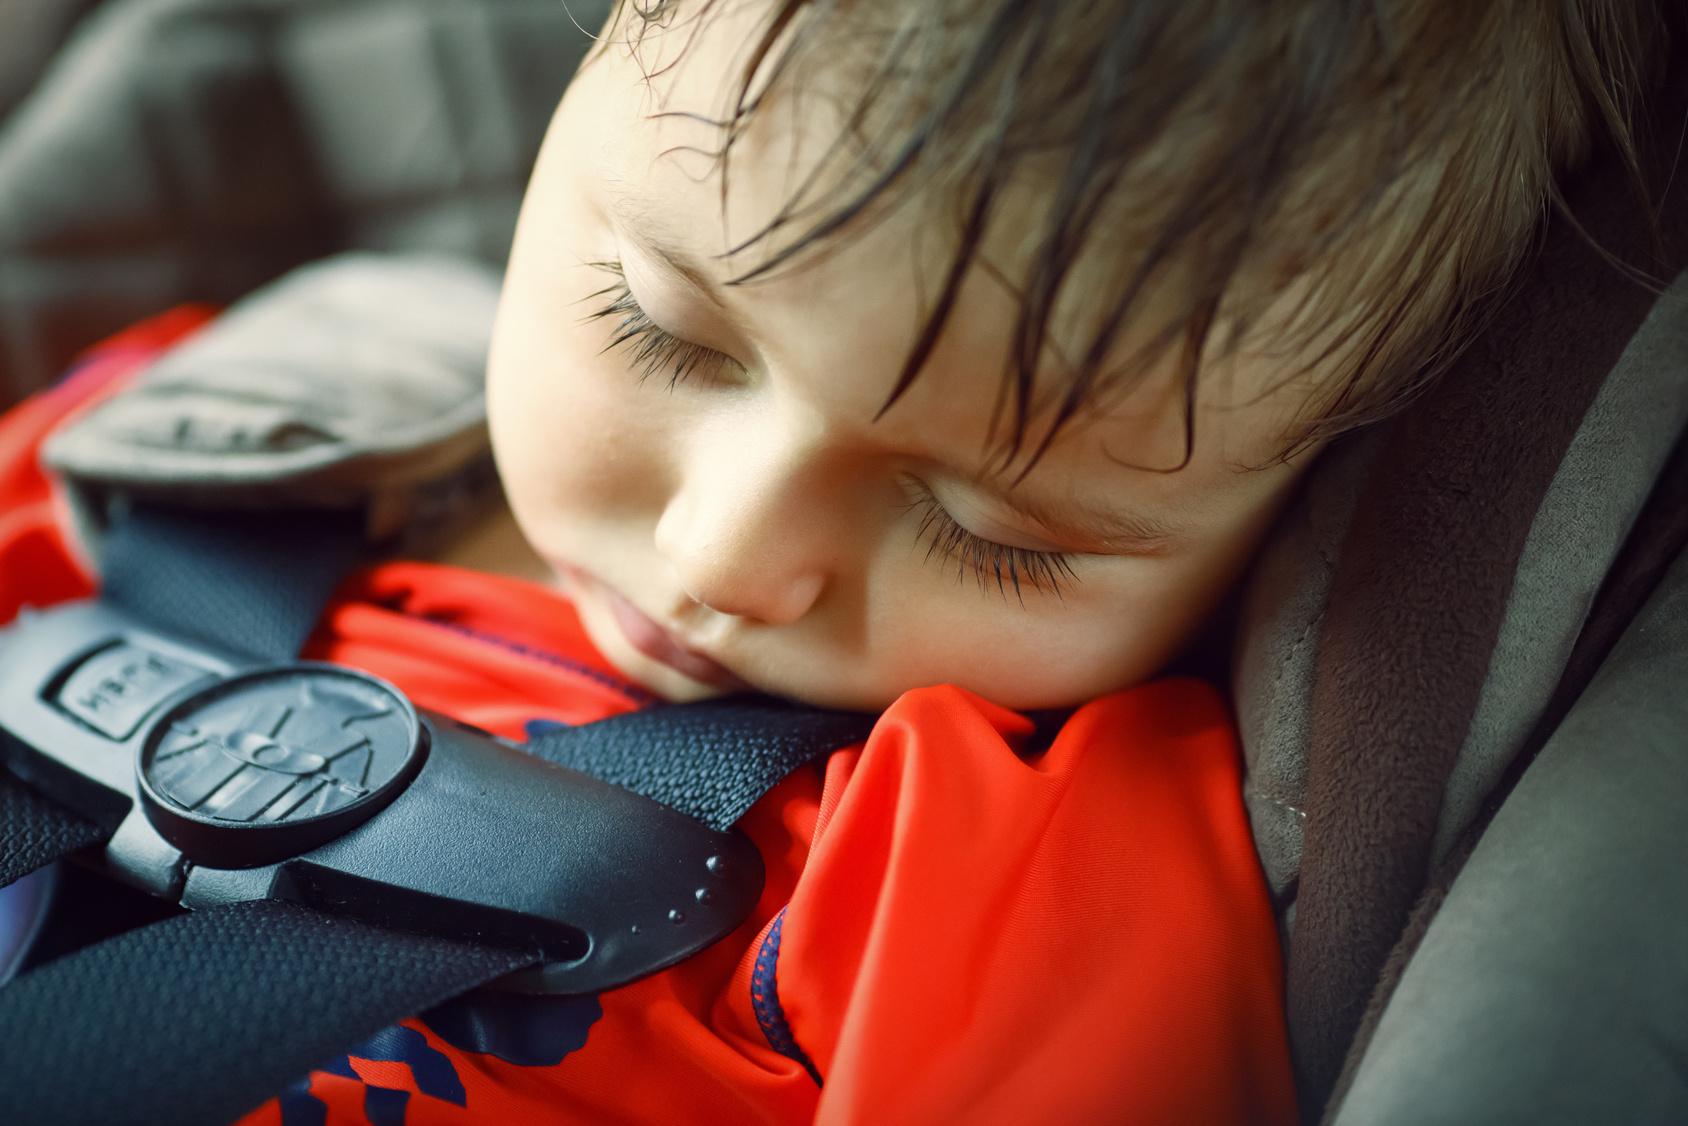 Eltern lassen Kind in Auto zurück - Feuerwehr misst 50 Grad im Wagen